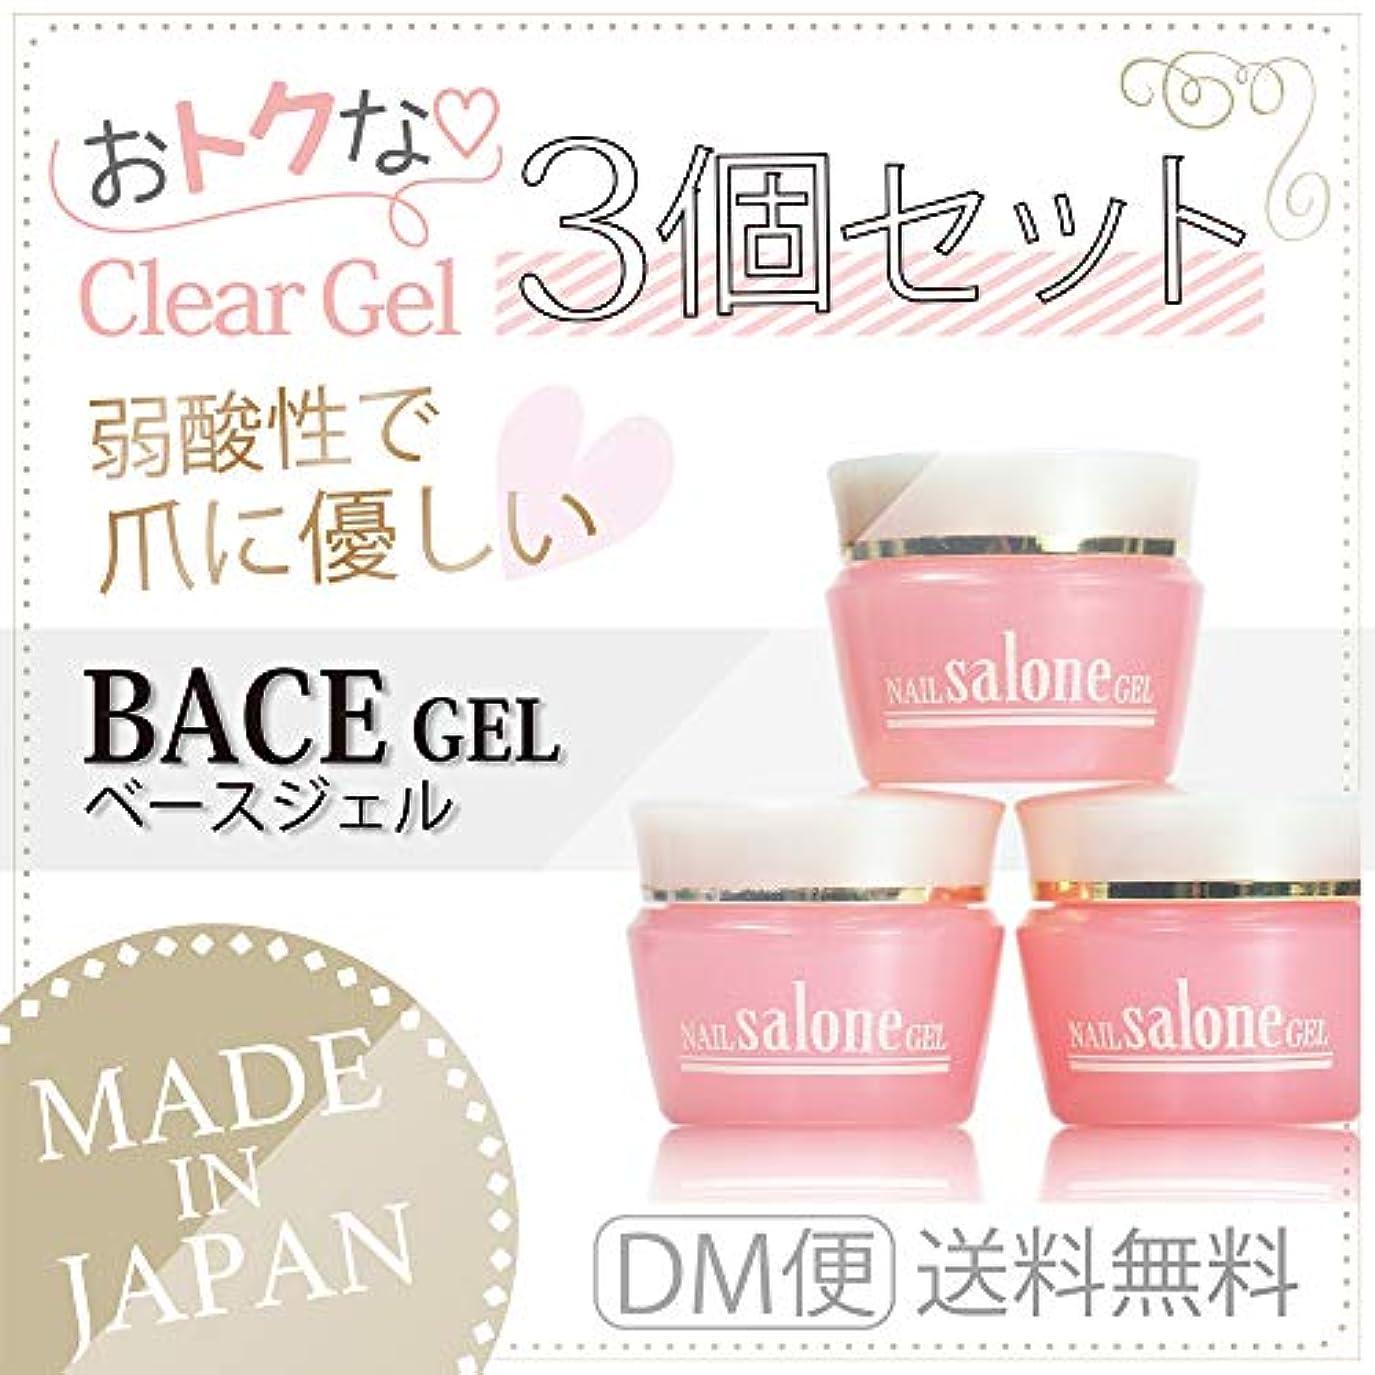 までスピーカープレミアSalone gel サローネ ベースジェル お得な3個セット 爪に優しい 日本製 驚きの密着力 リムーバーでオフも簡単3g